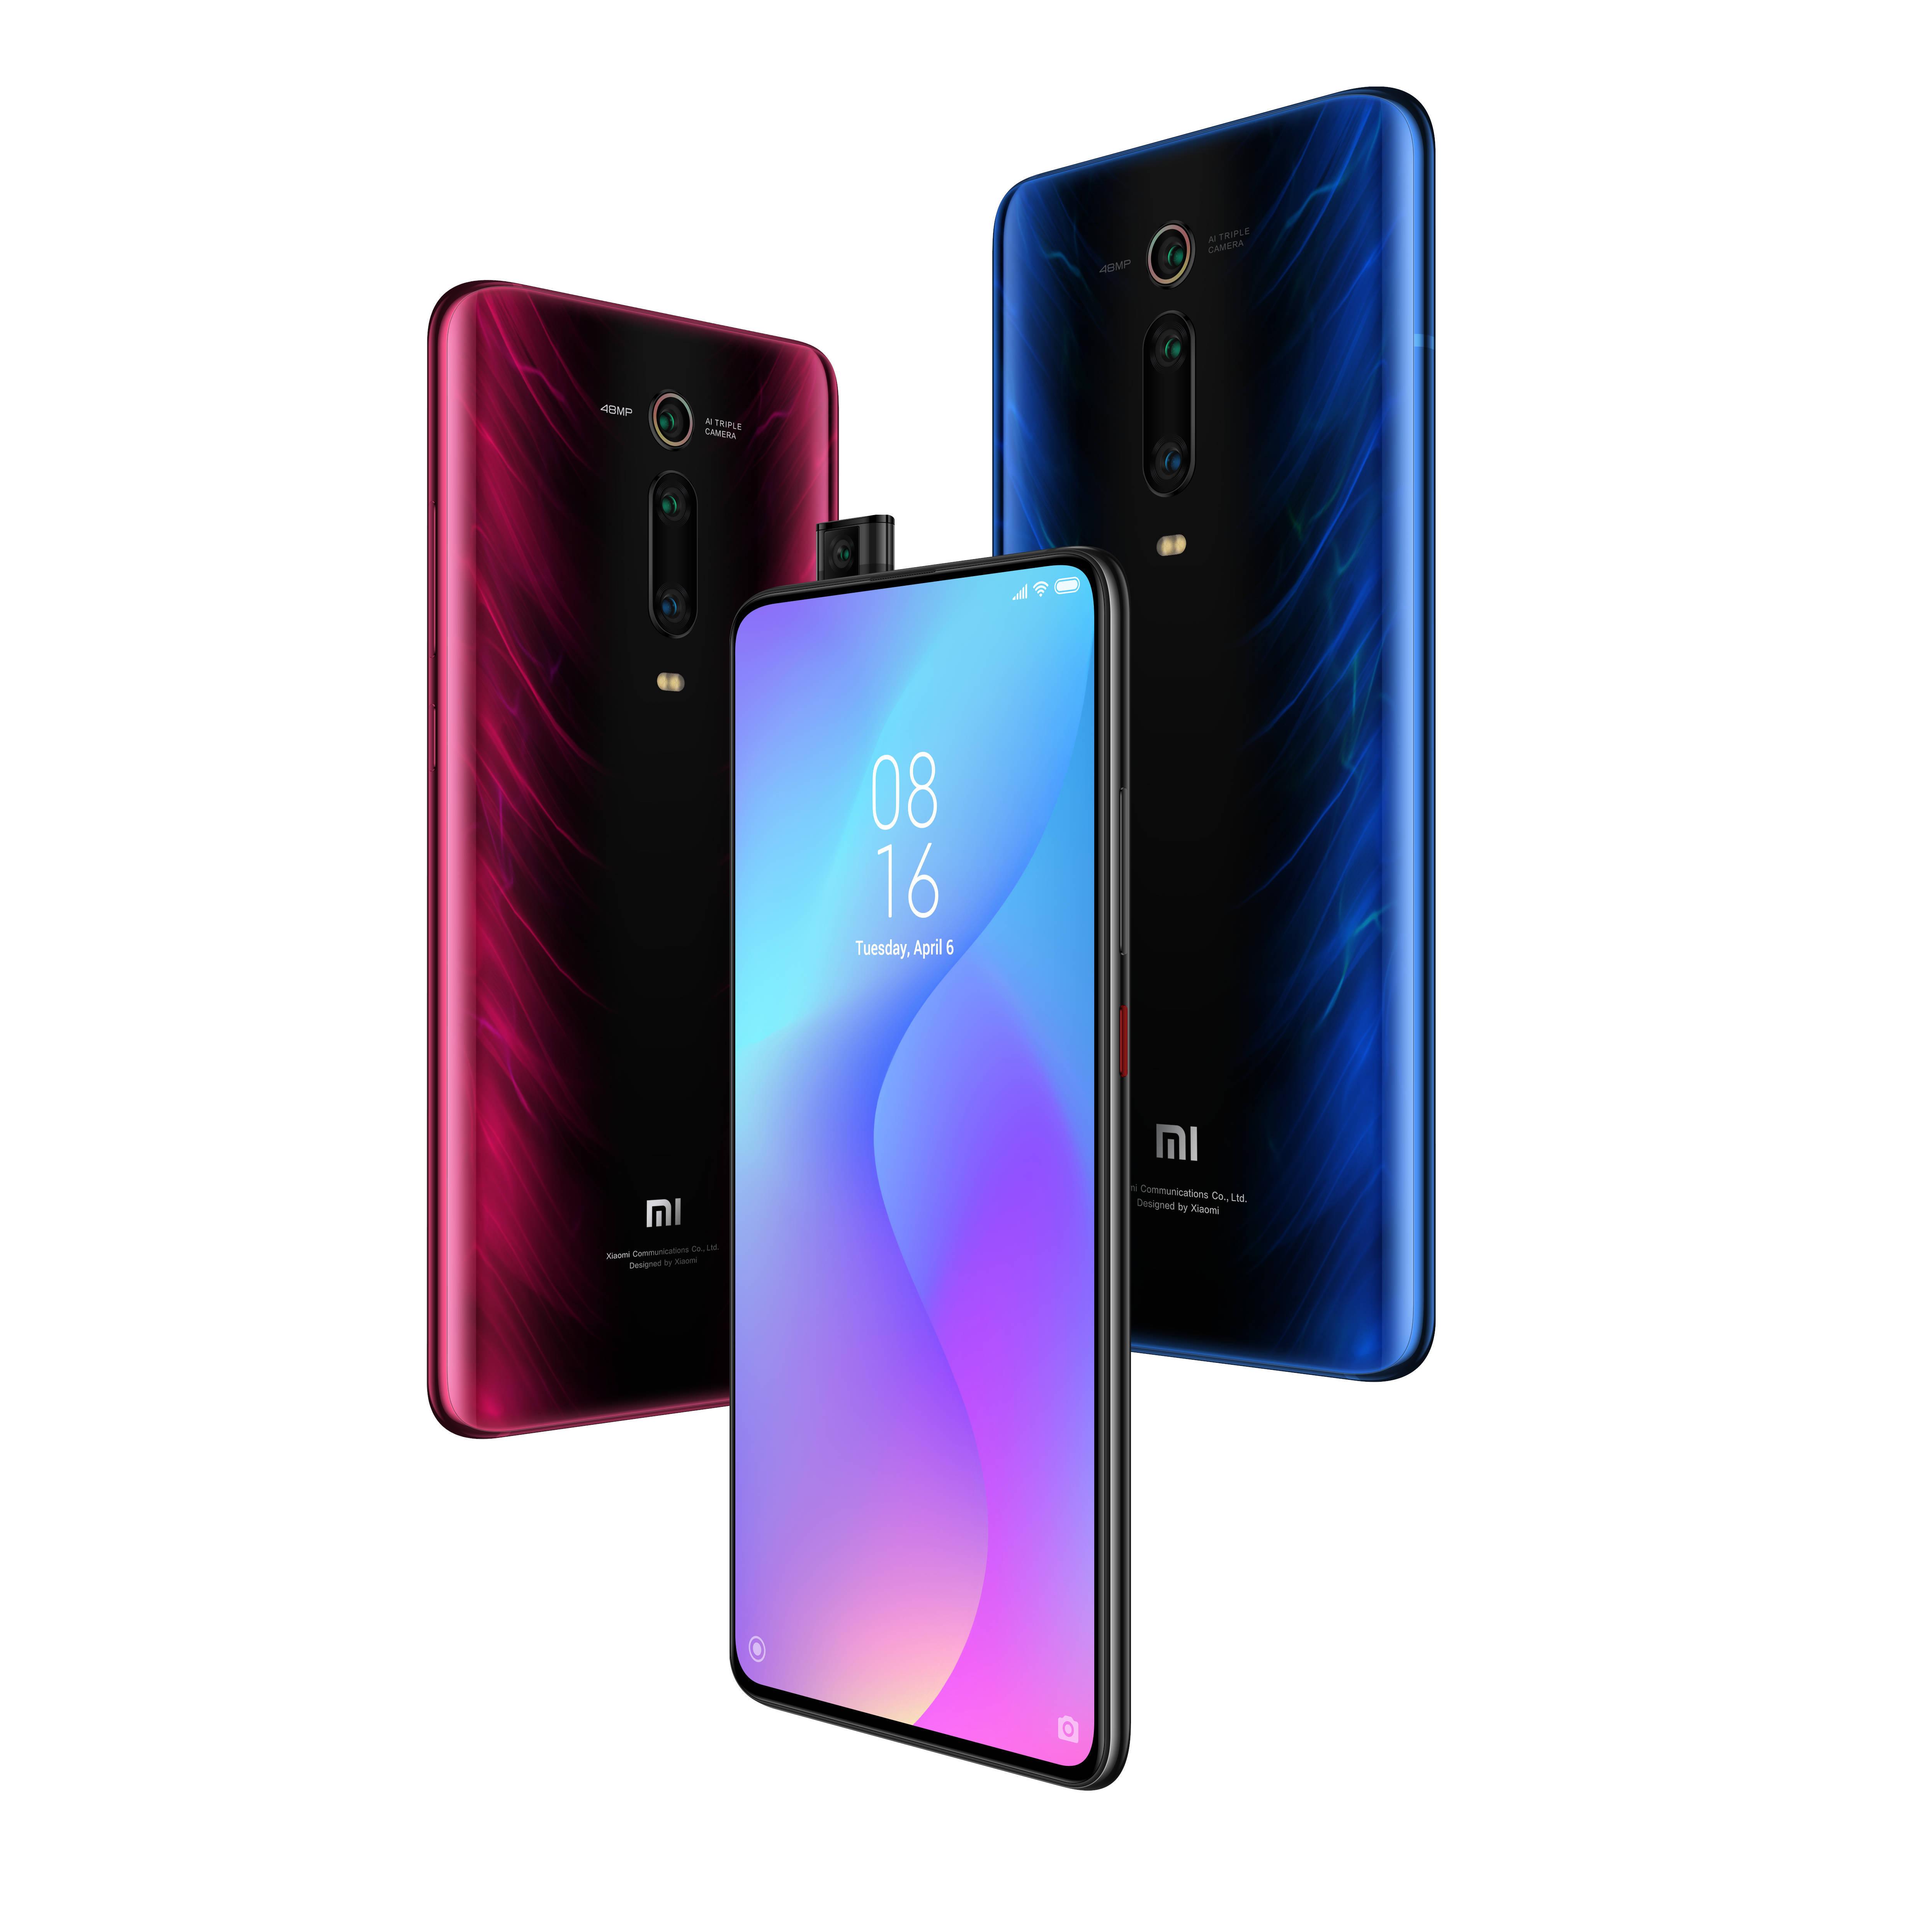 Xiaomi Mi 9T cena kiedy w Polsce specyfikacja techniczna opinie gdzie kupić najtaniej premiera